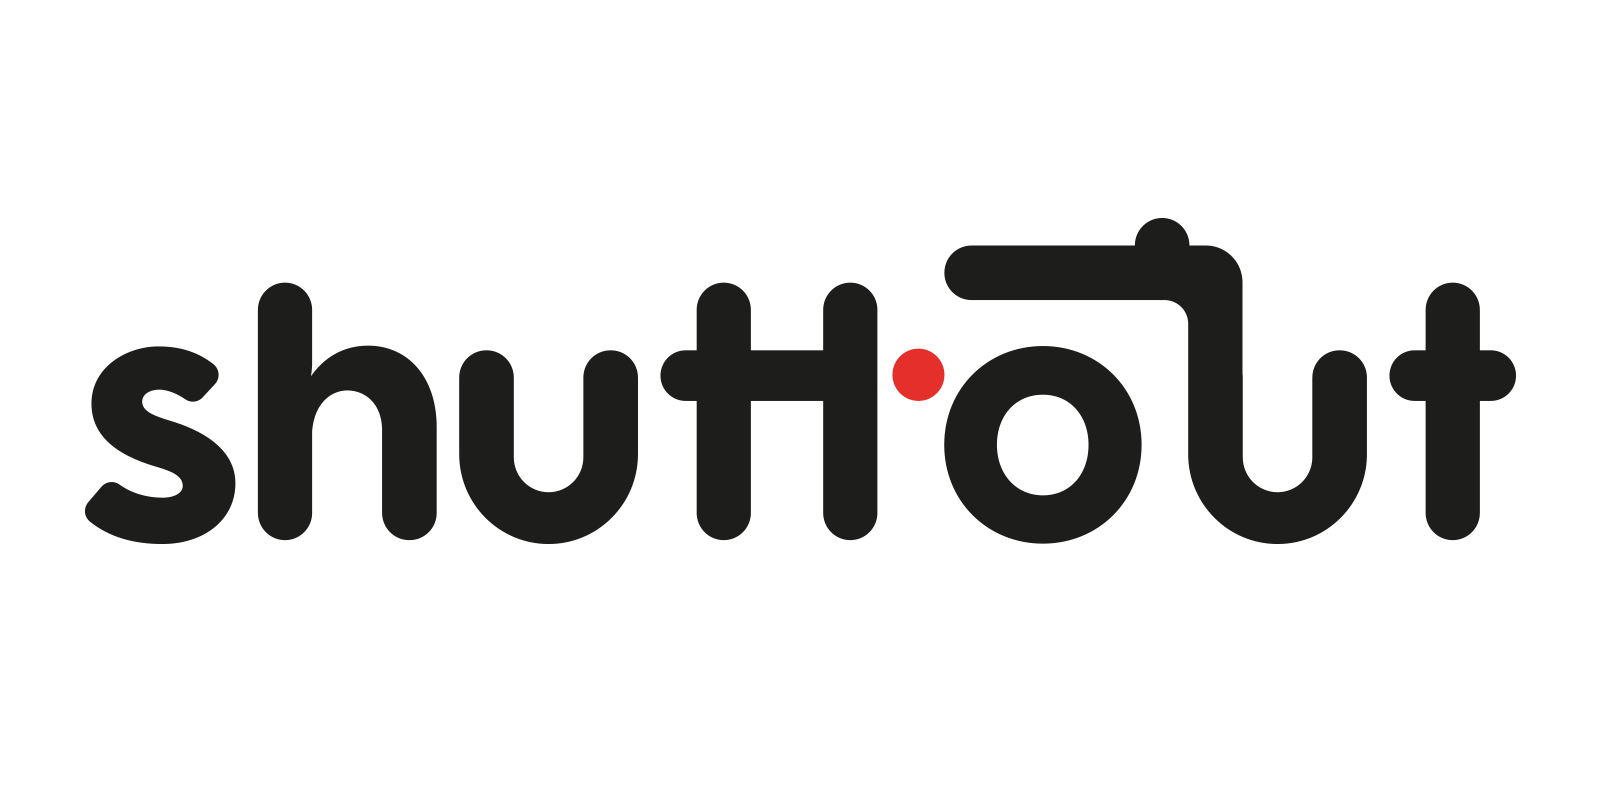 Shuttout